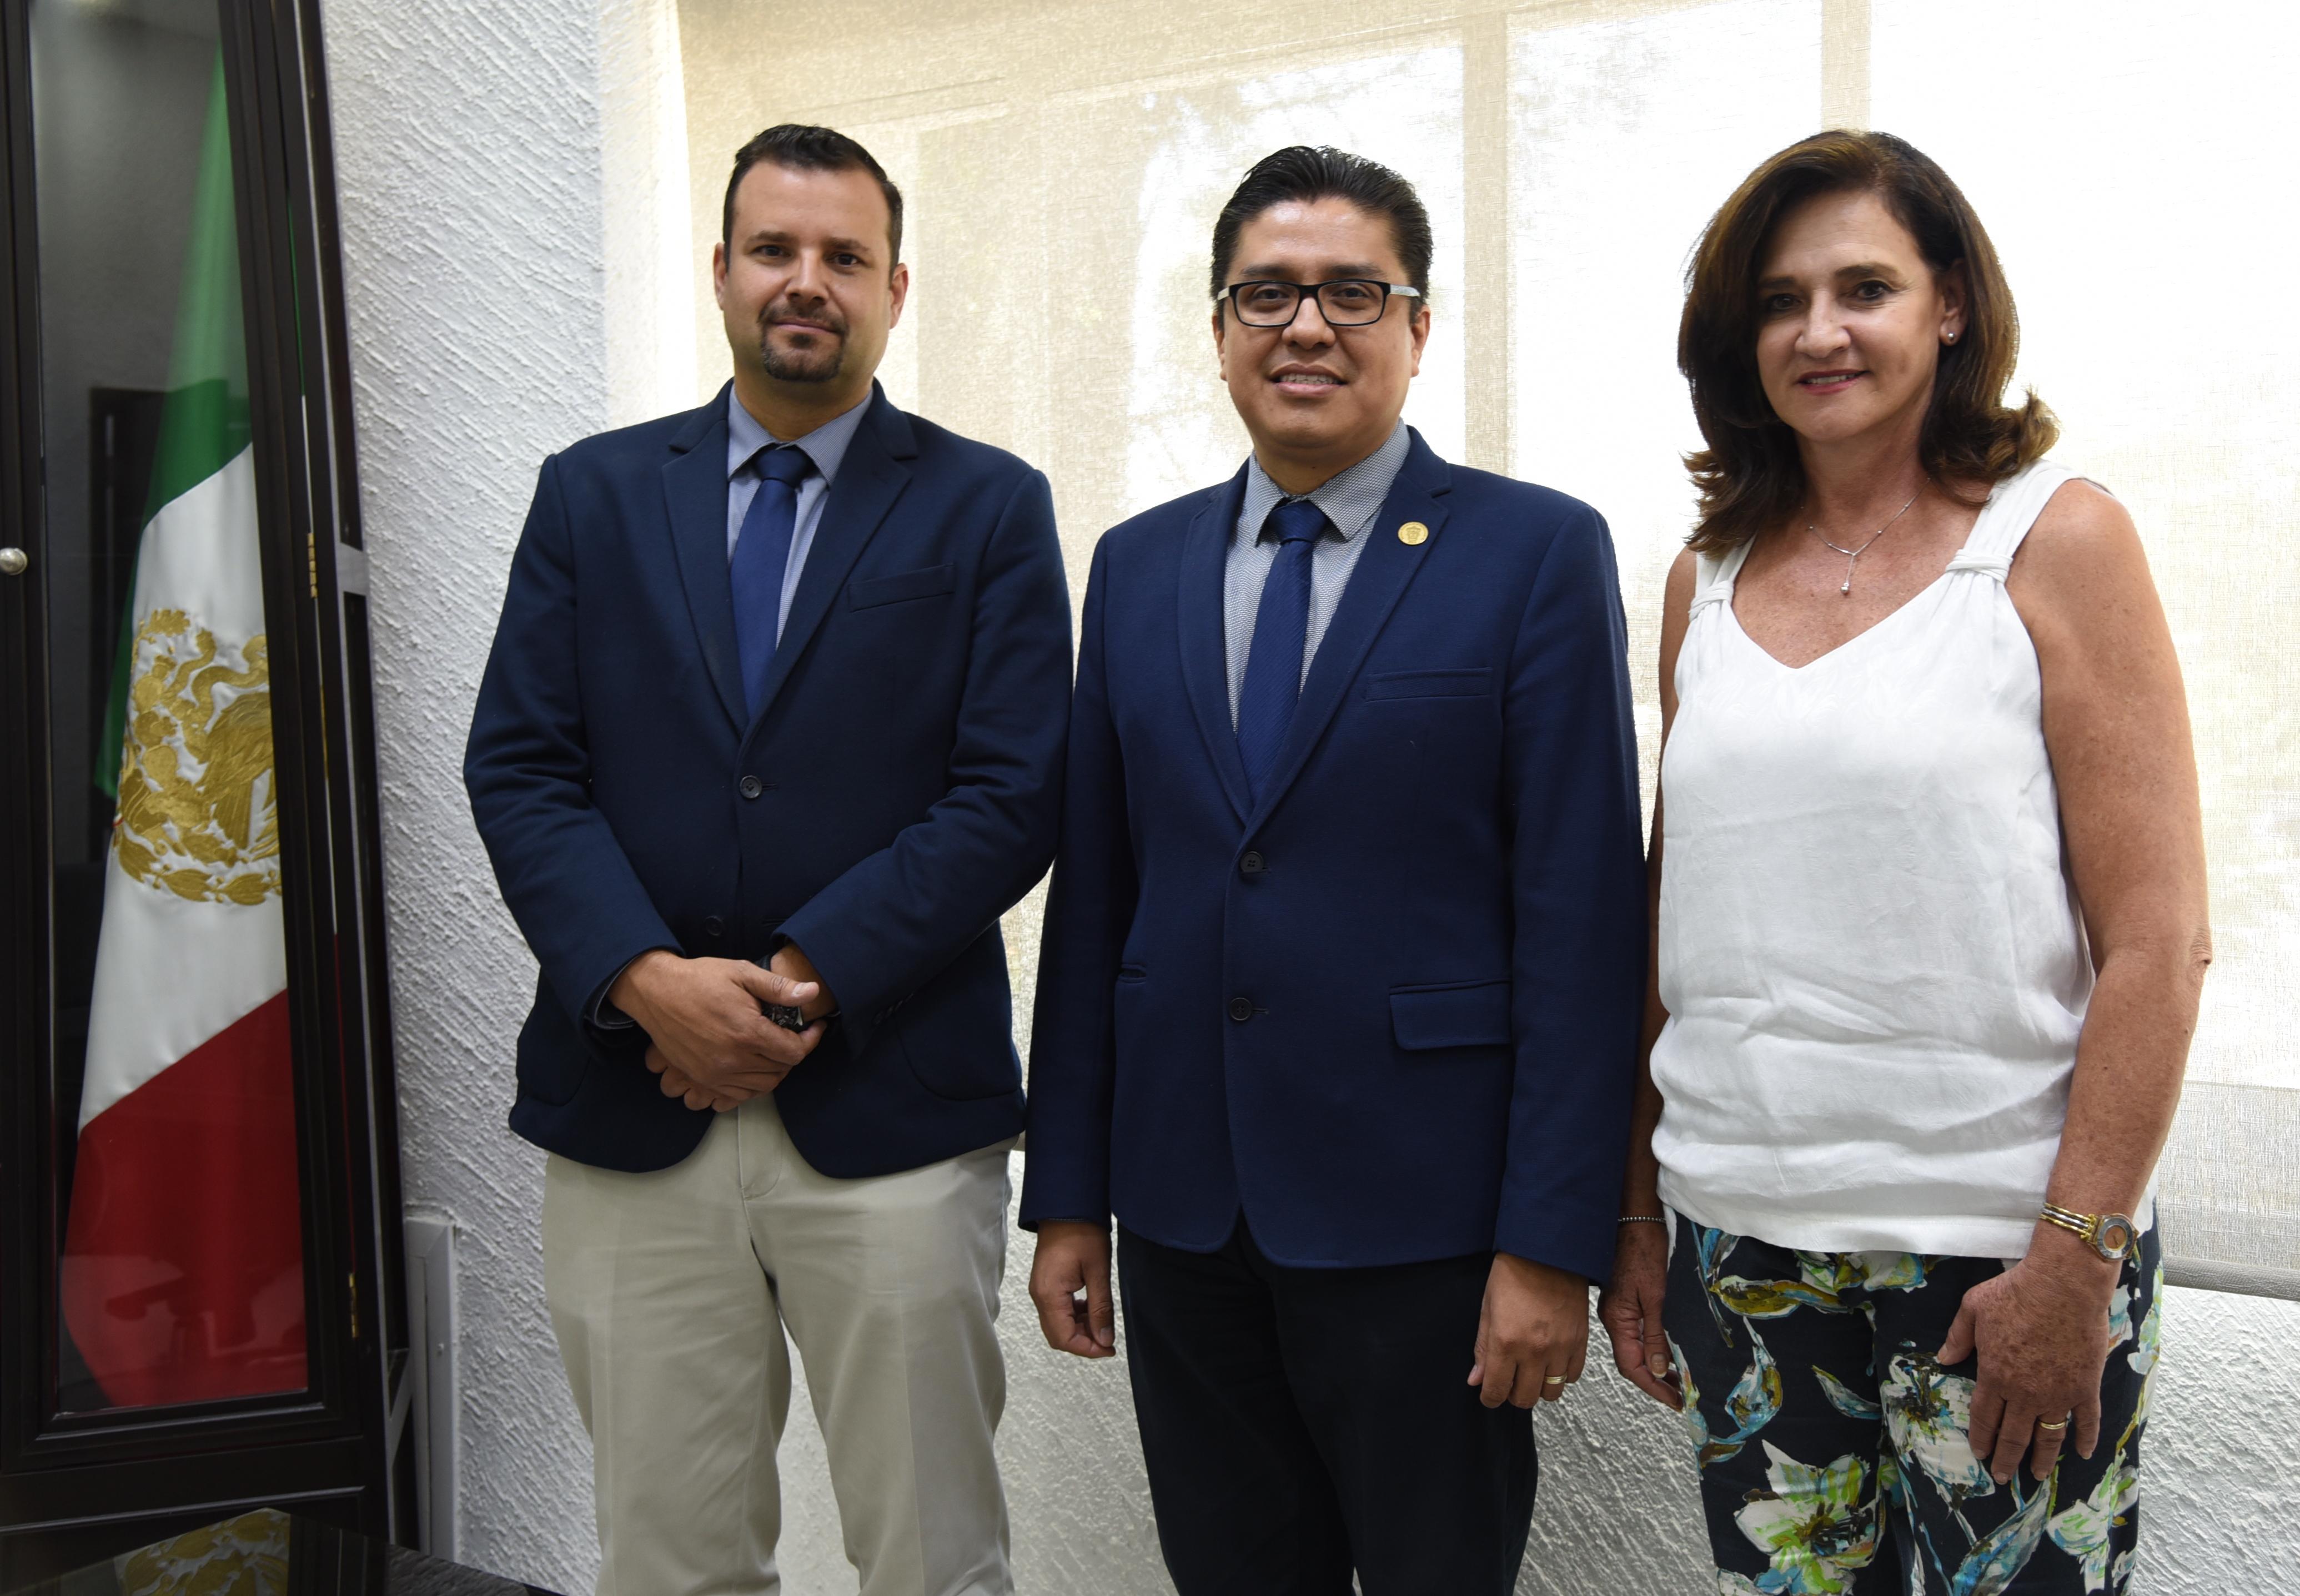 Rector del CUCS posando para la foto con los nuevos secretarios del CUCS